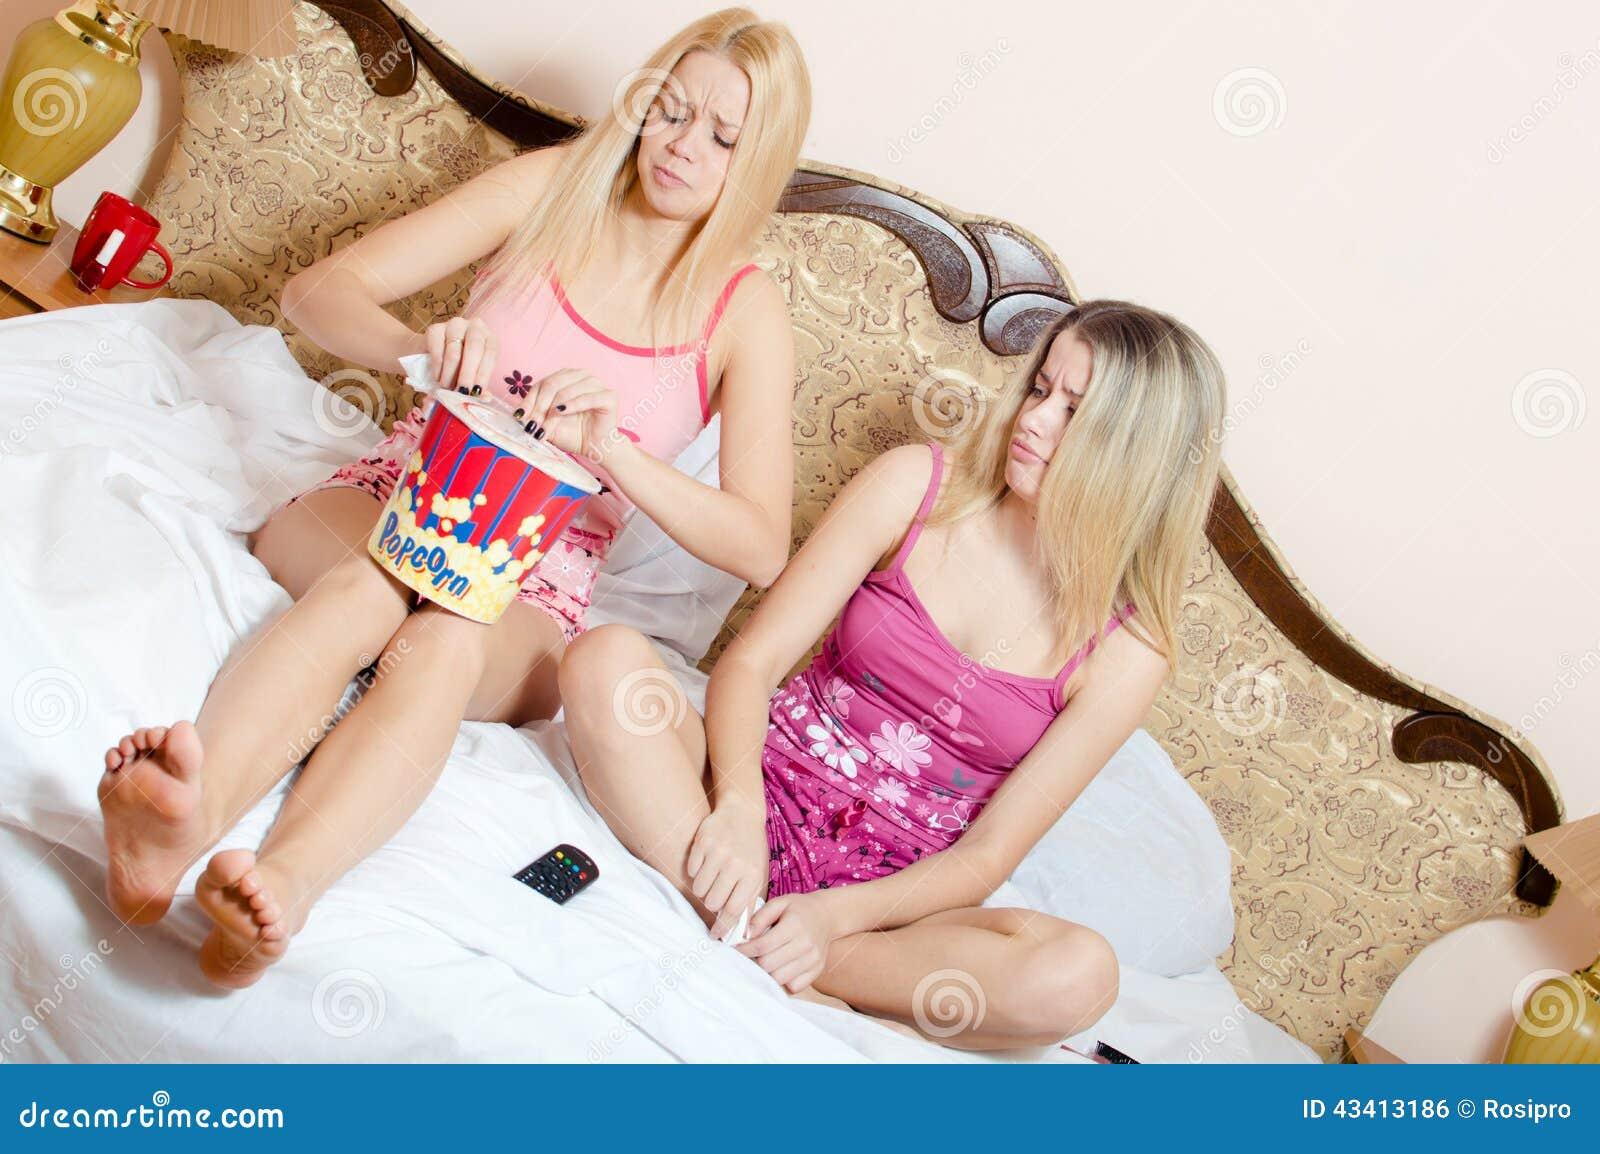 Hermanas Adolescentes Hermosas - esdreamstimecom